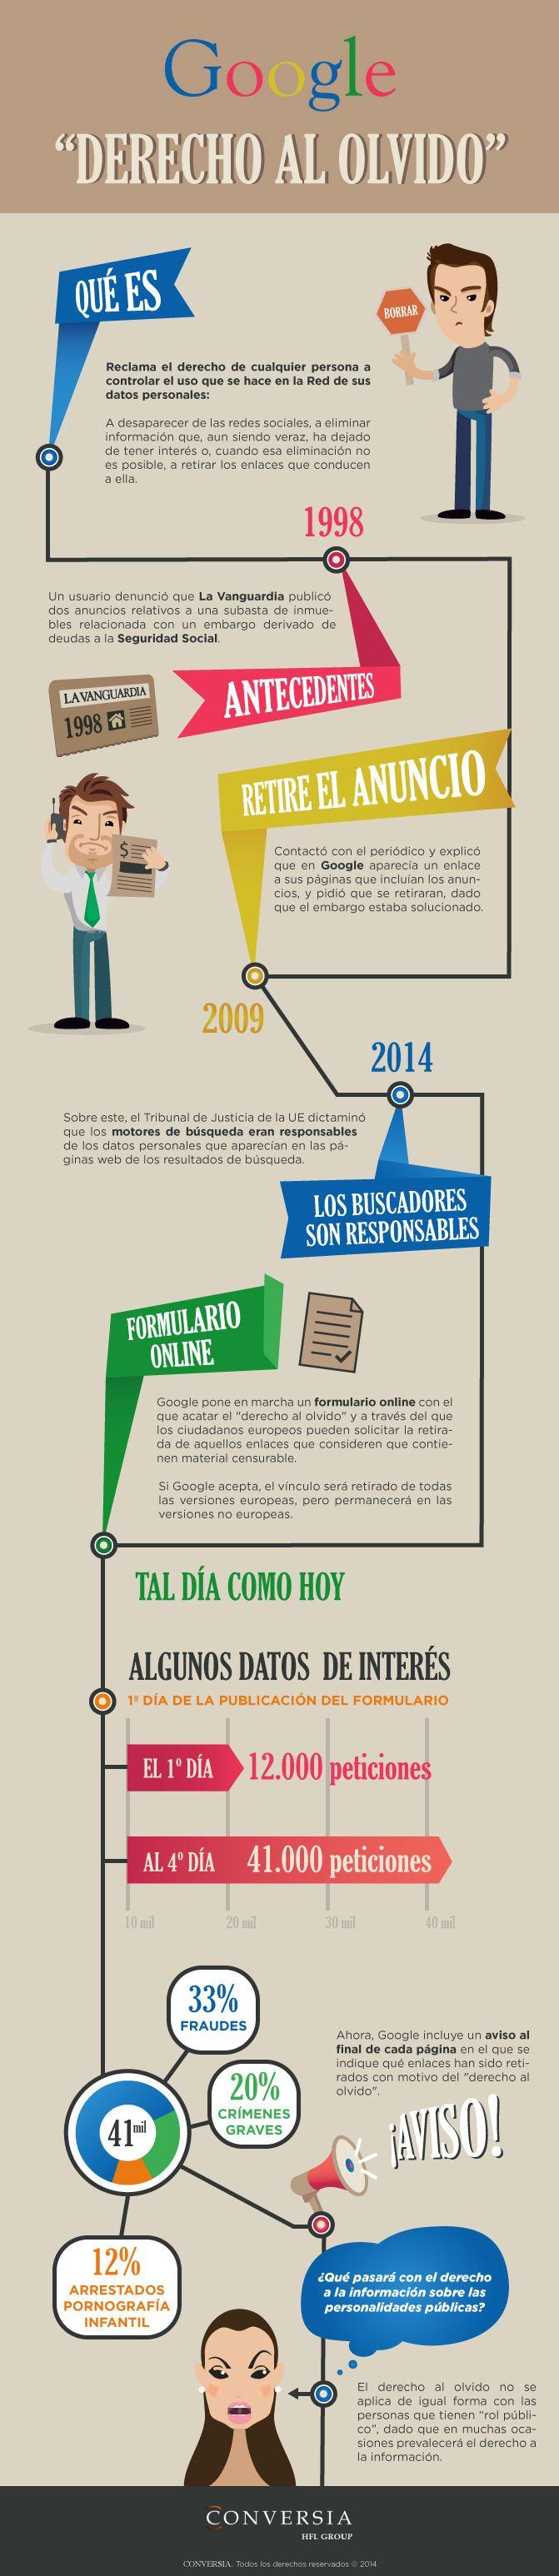 Google y el derecho al olvido #Google #Infografías